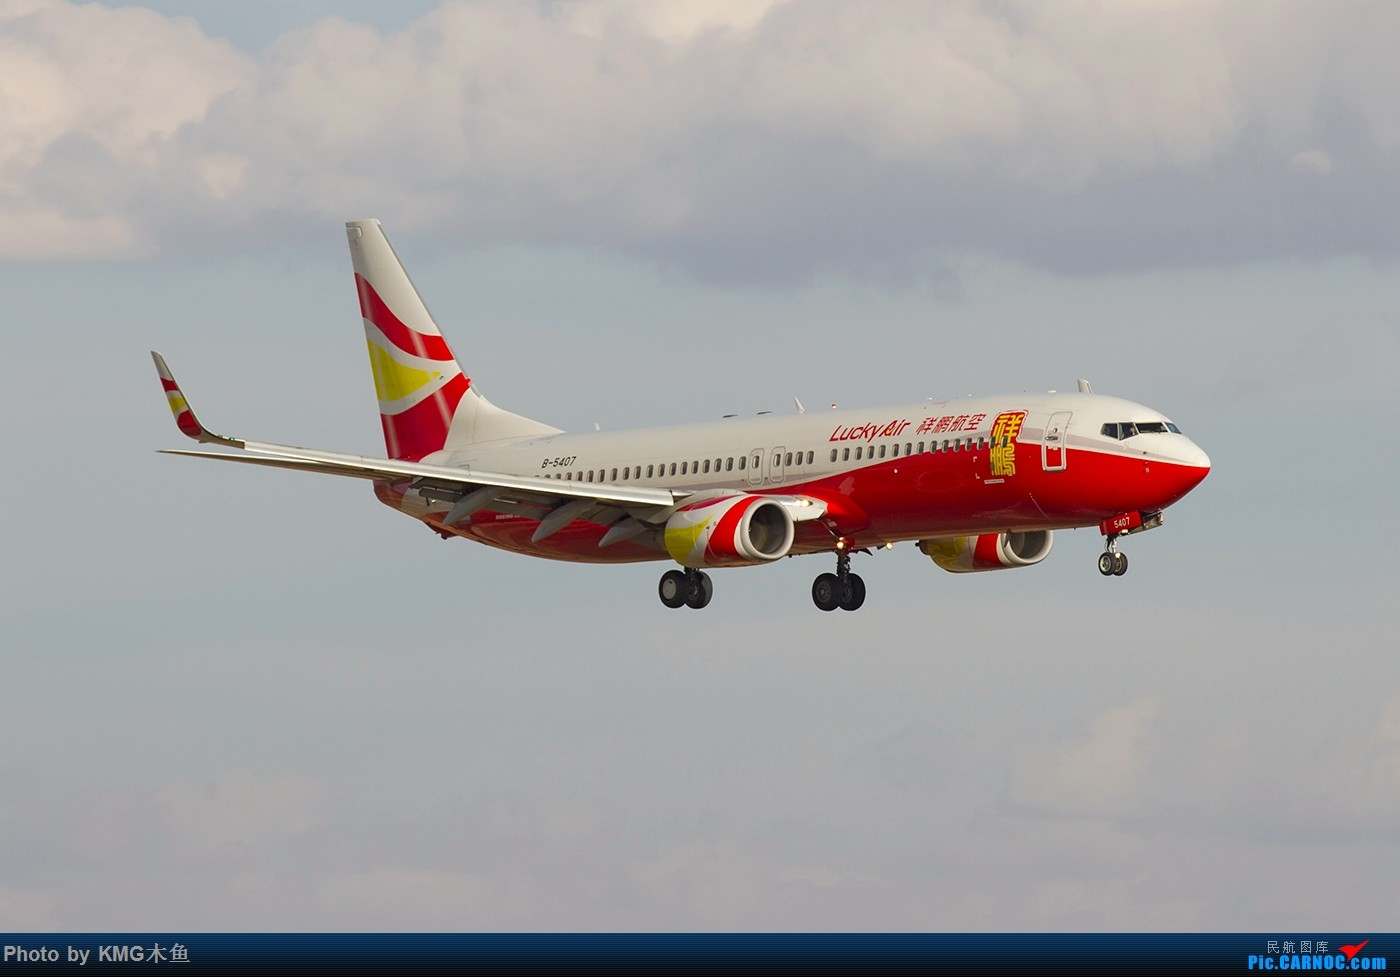 [原创]【昆明飞友会-KMG木鱼】在长水国际机场,遇见英航云南,还是落地的 BOEING 737-800 B-5407 中国昆明长水国际机场